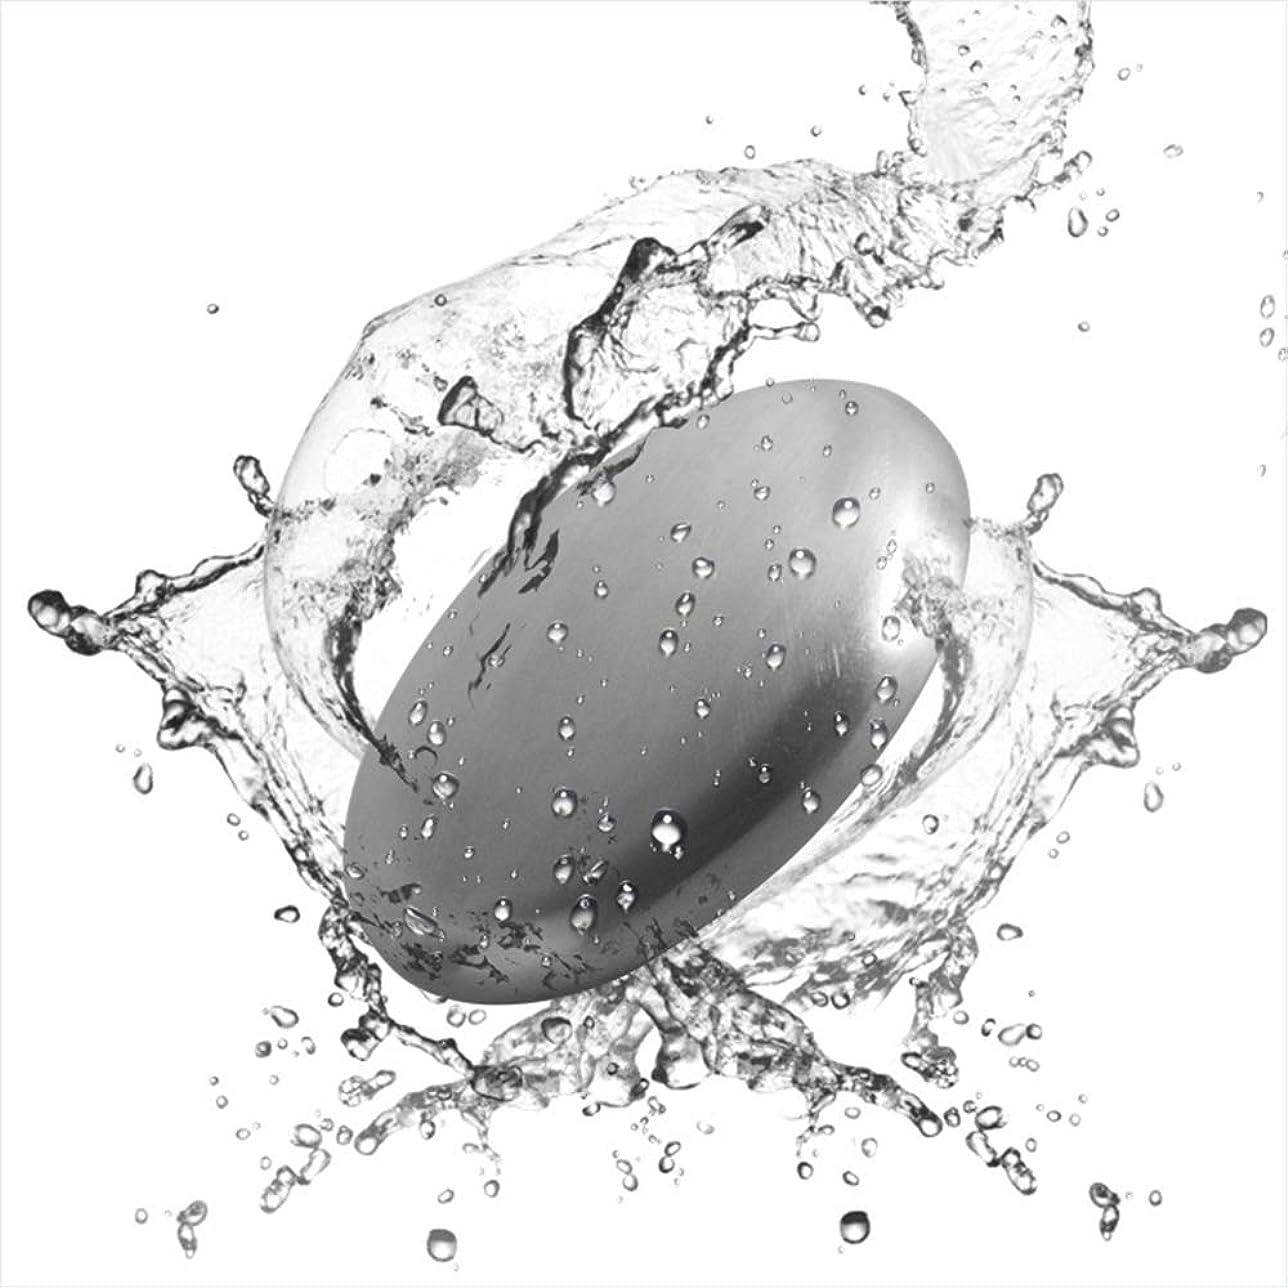 市民陰気環境に優しいRefoiner ステンレス製品 ソープ 実用的な台所用具 石鹸 魚臭 玉ねぎやニンニク 異臭を取り除く 2個